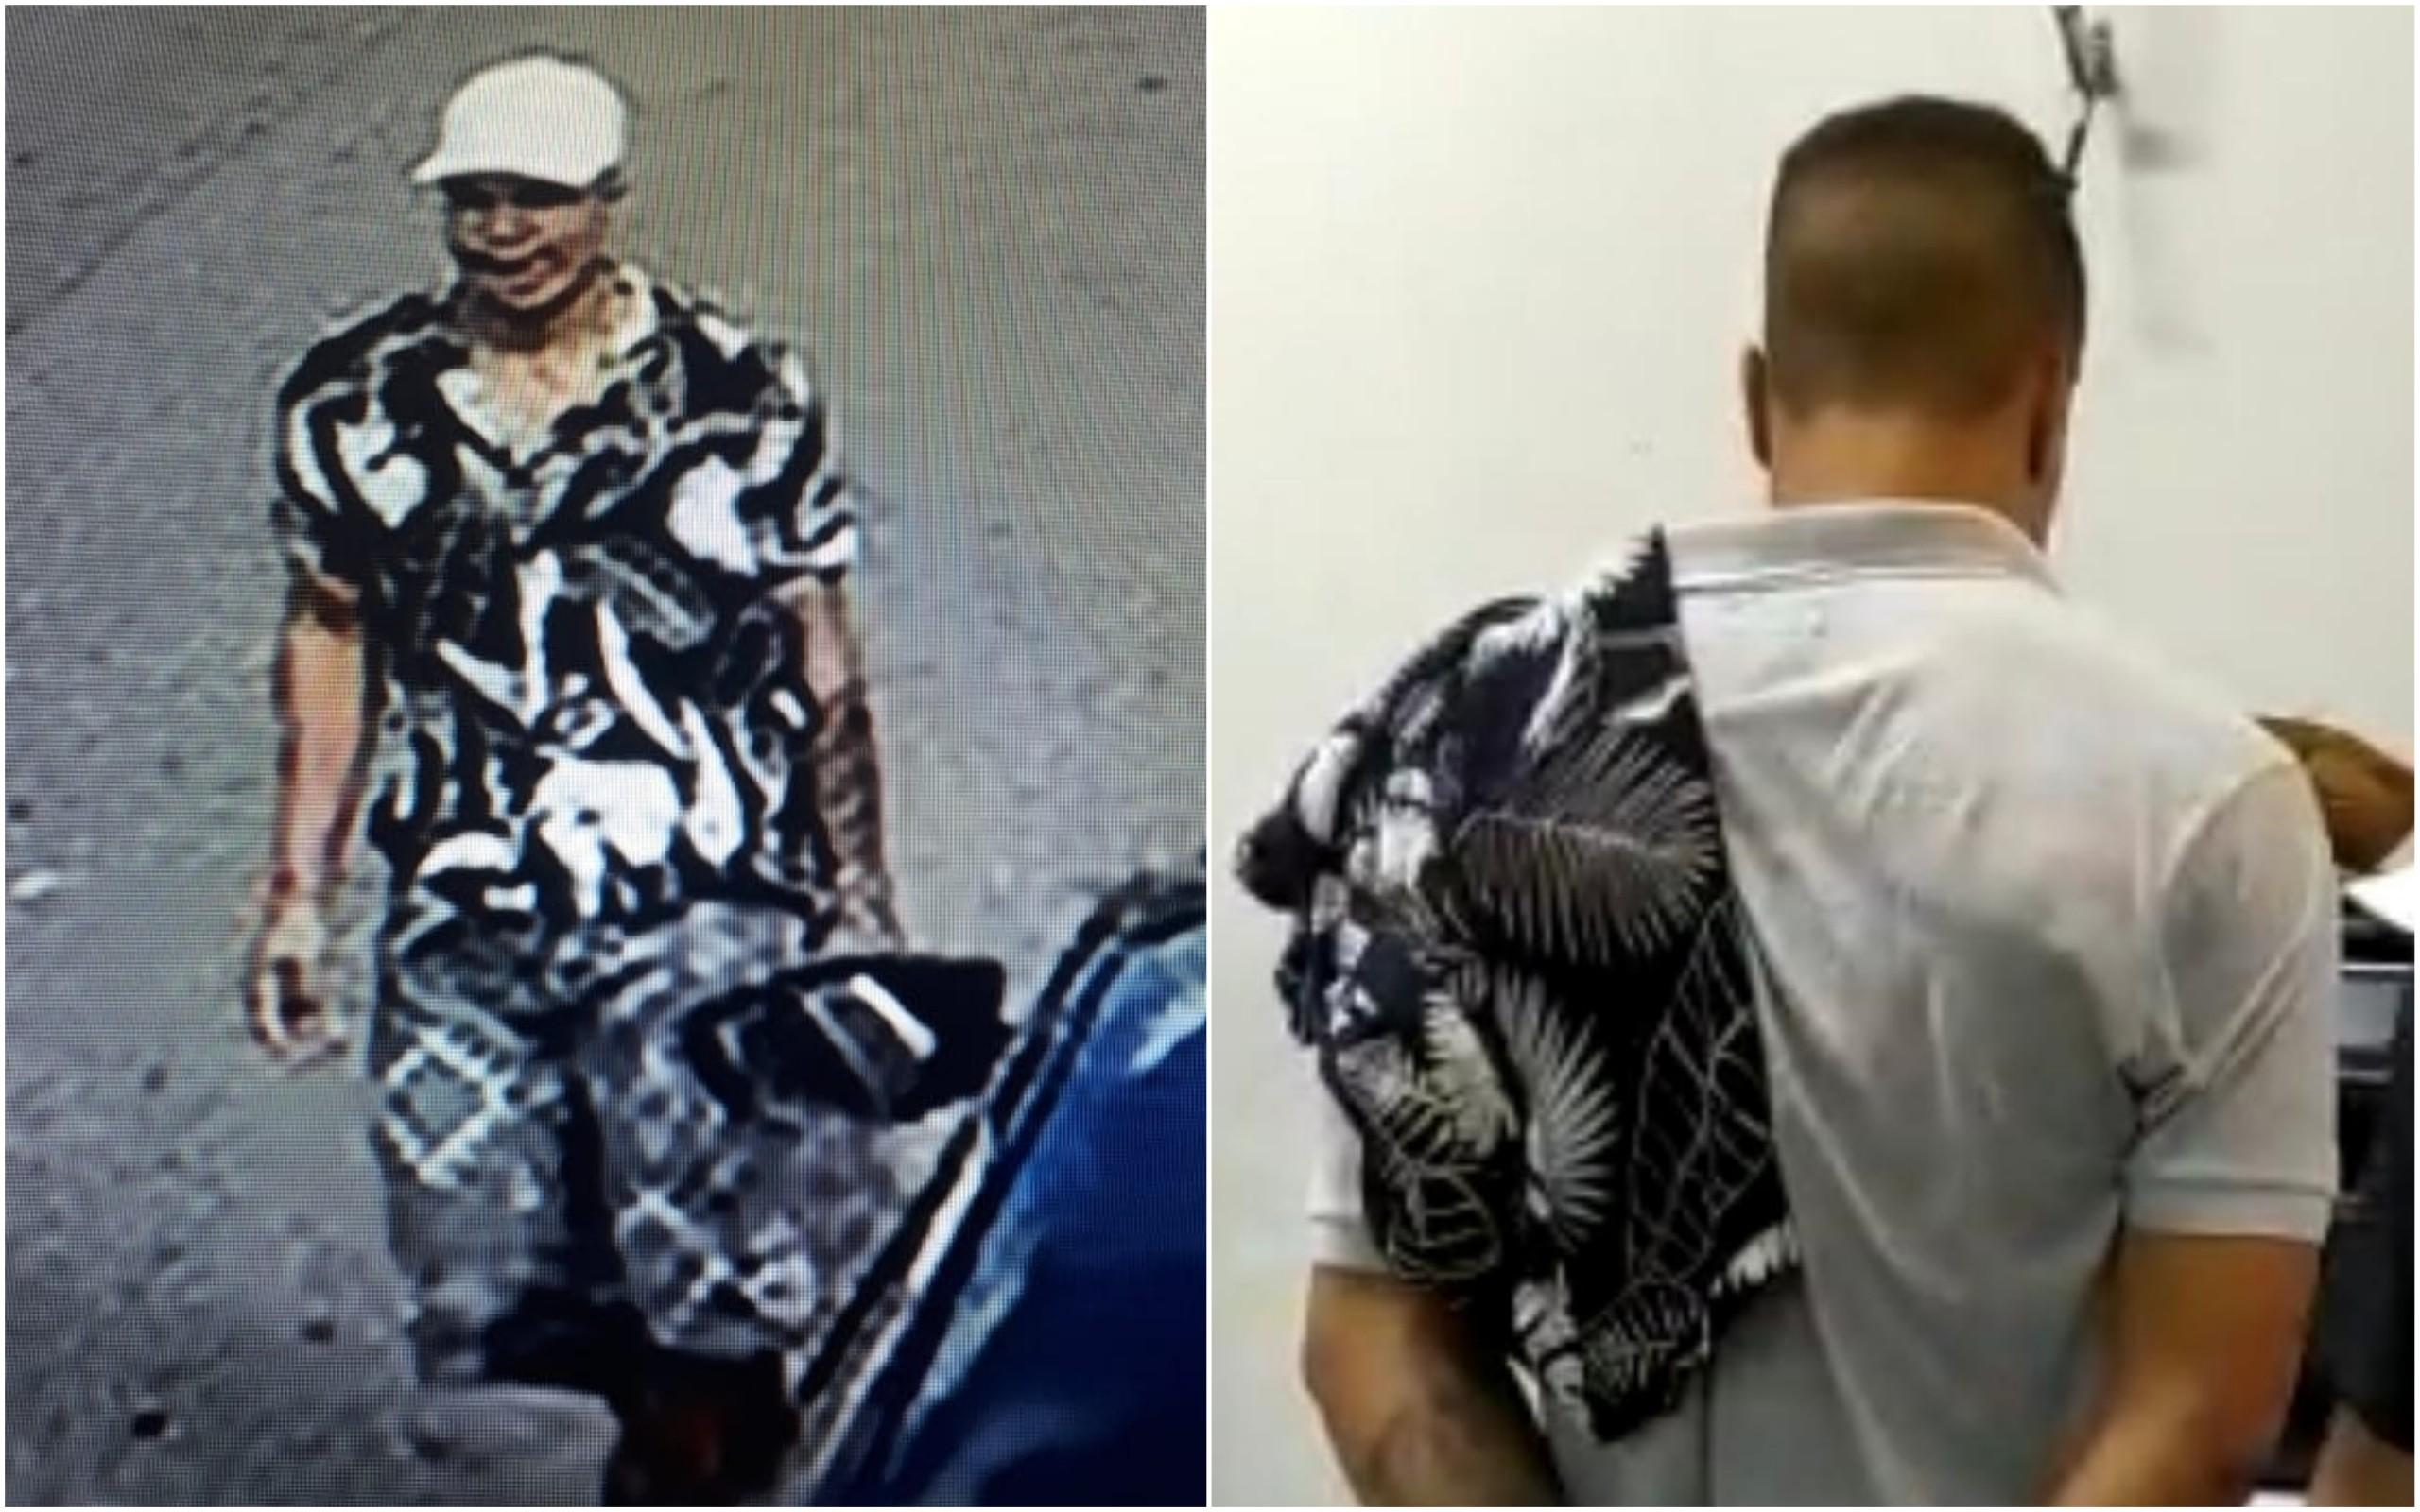 Suspeito de furtar condomínios na região de Jundiaí é preso